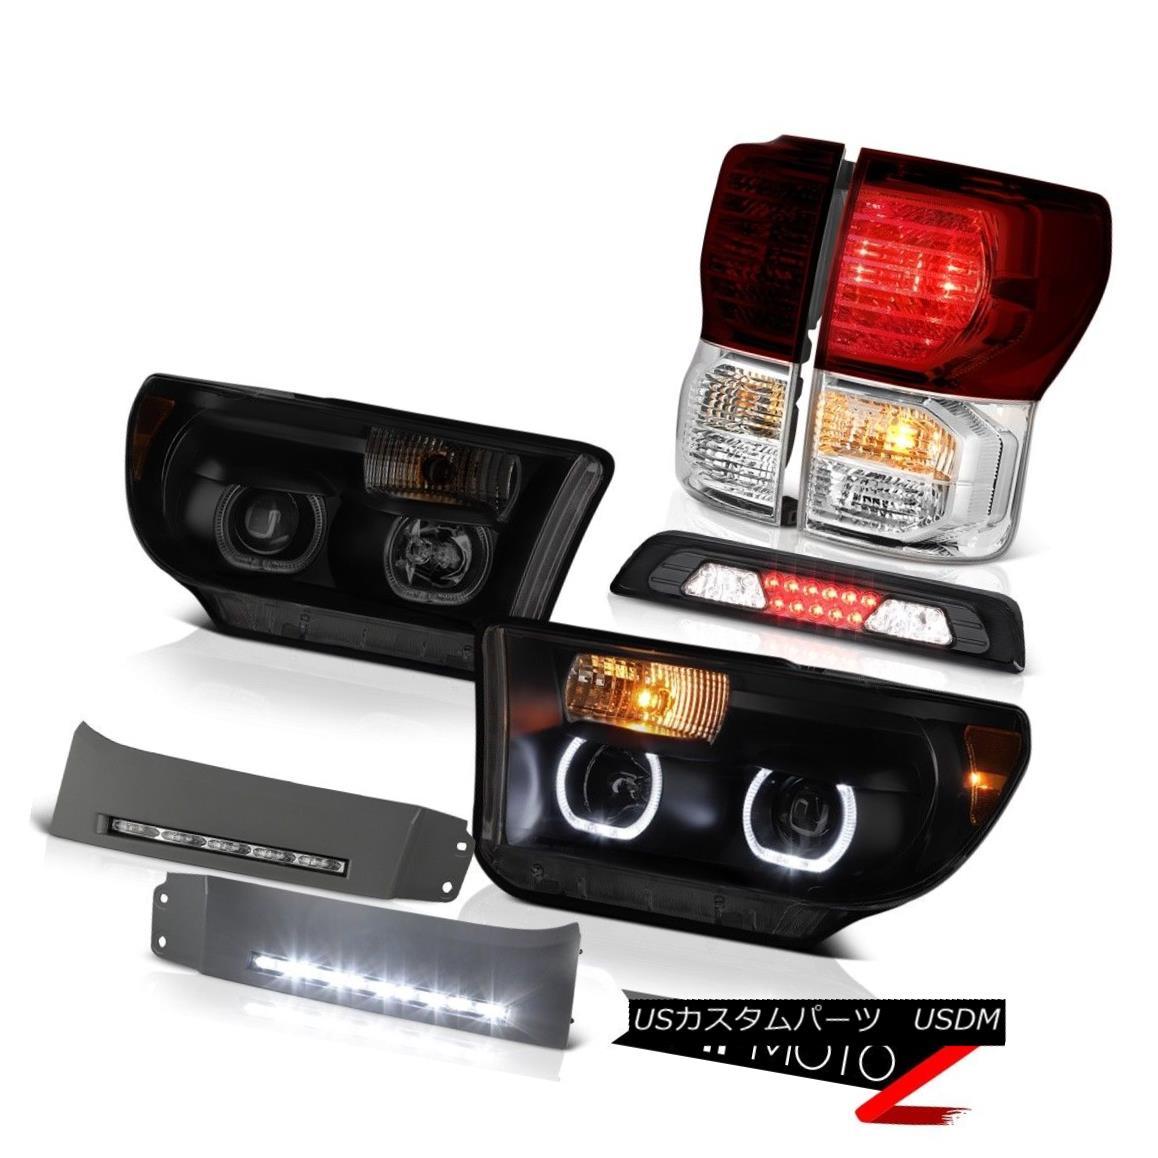 テールライト 2007-2013 Toyota Tundra Platinum Headlamps Bumper DRL High Stop Light Taillamps 2007年?2013年トヨタ・トンドラ・プラチナヘッドランプバンパーDRLハイストップ・ライト・タイヤランプ